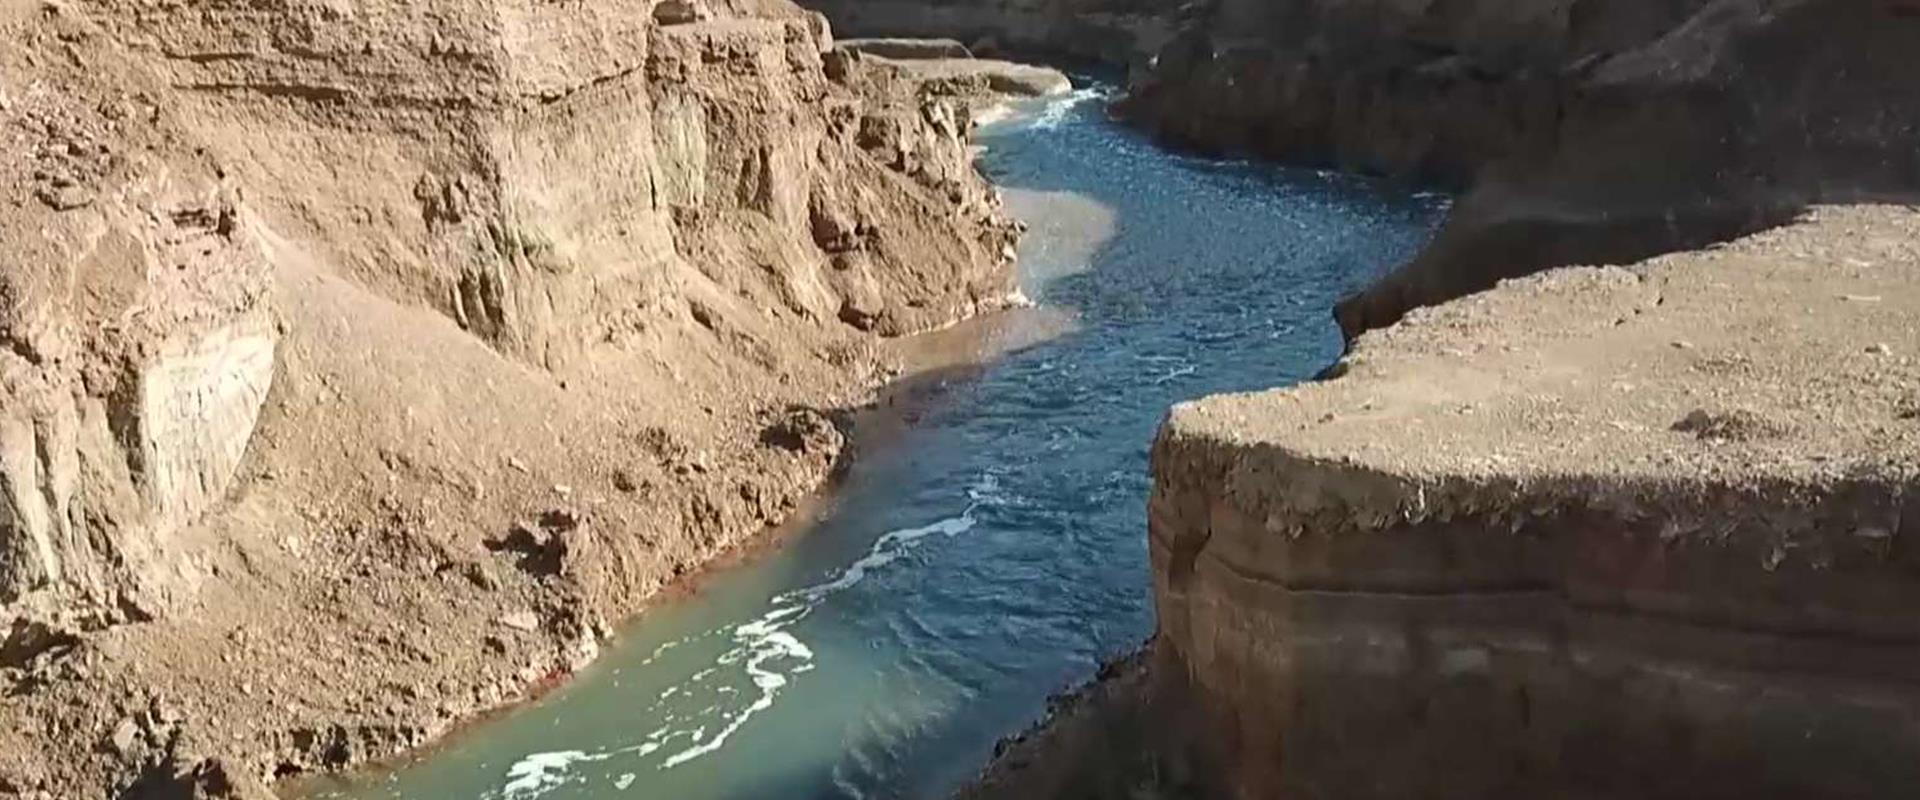 הנהר הנסתר